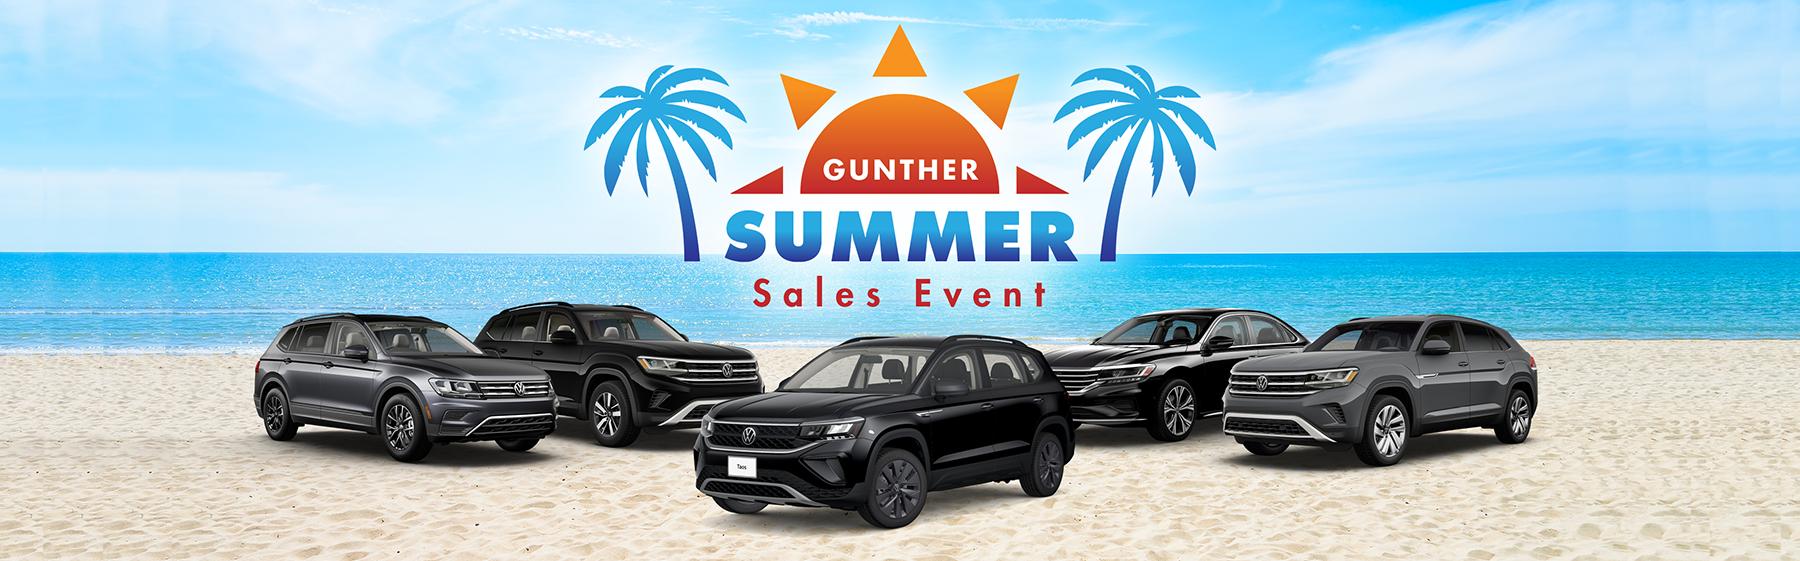 Gunther Summer Sales Event